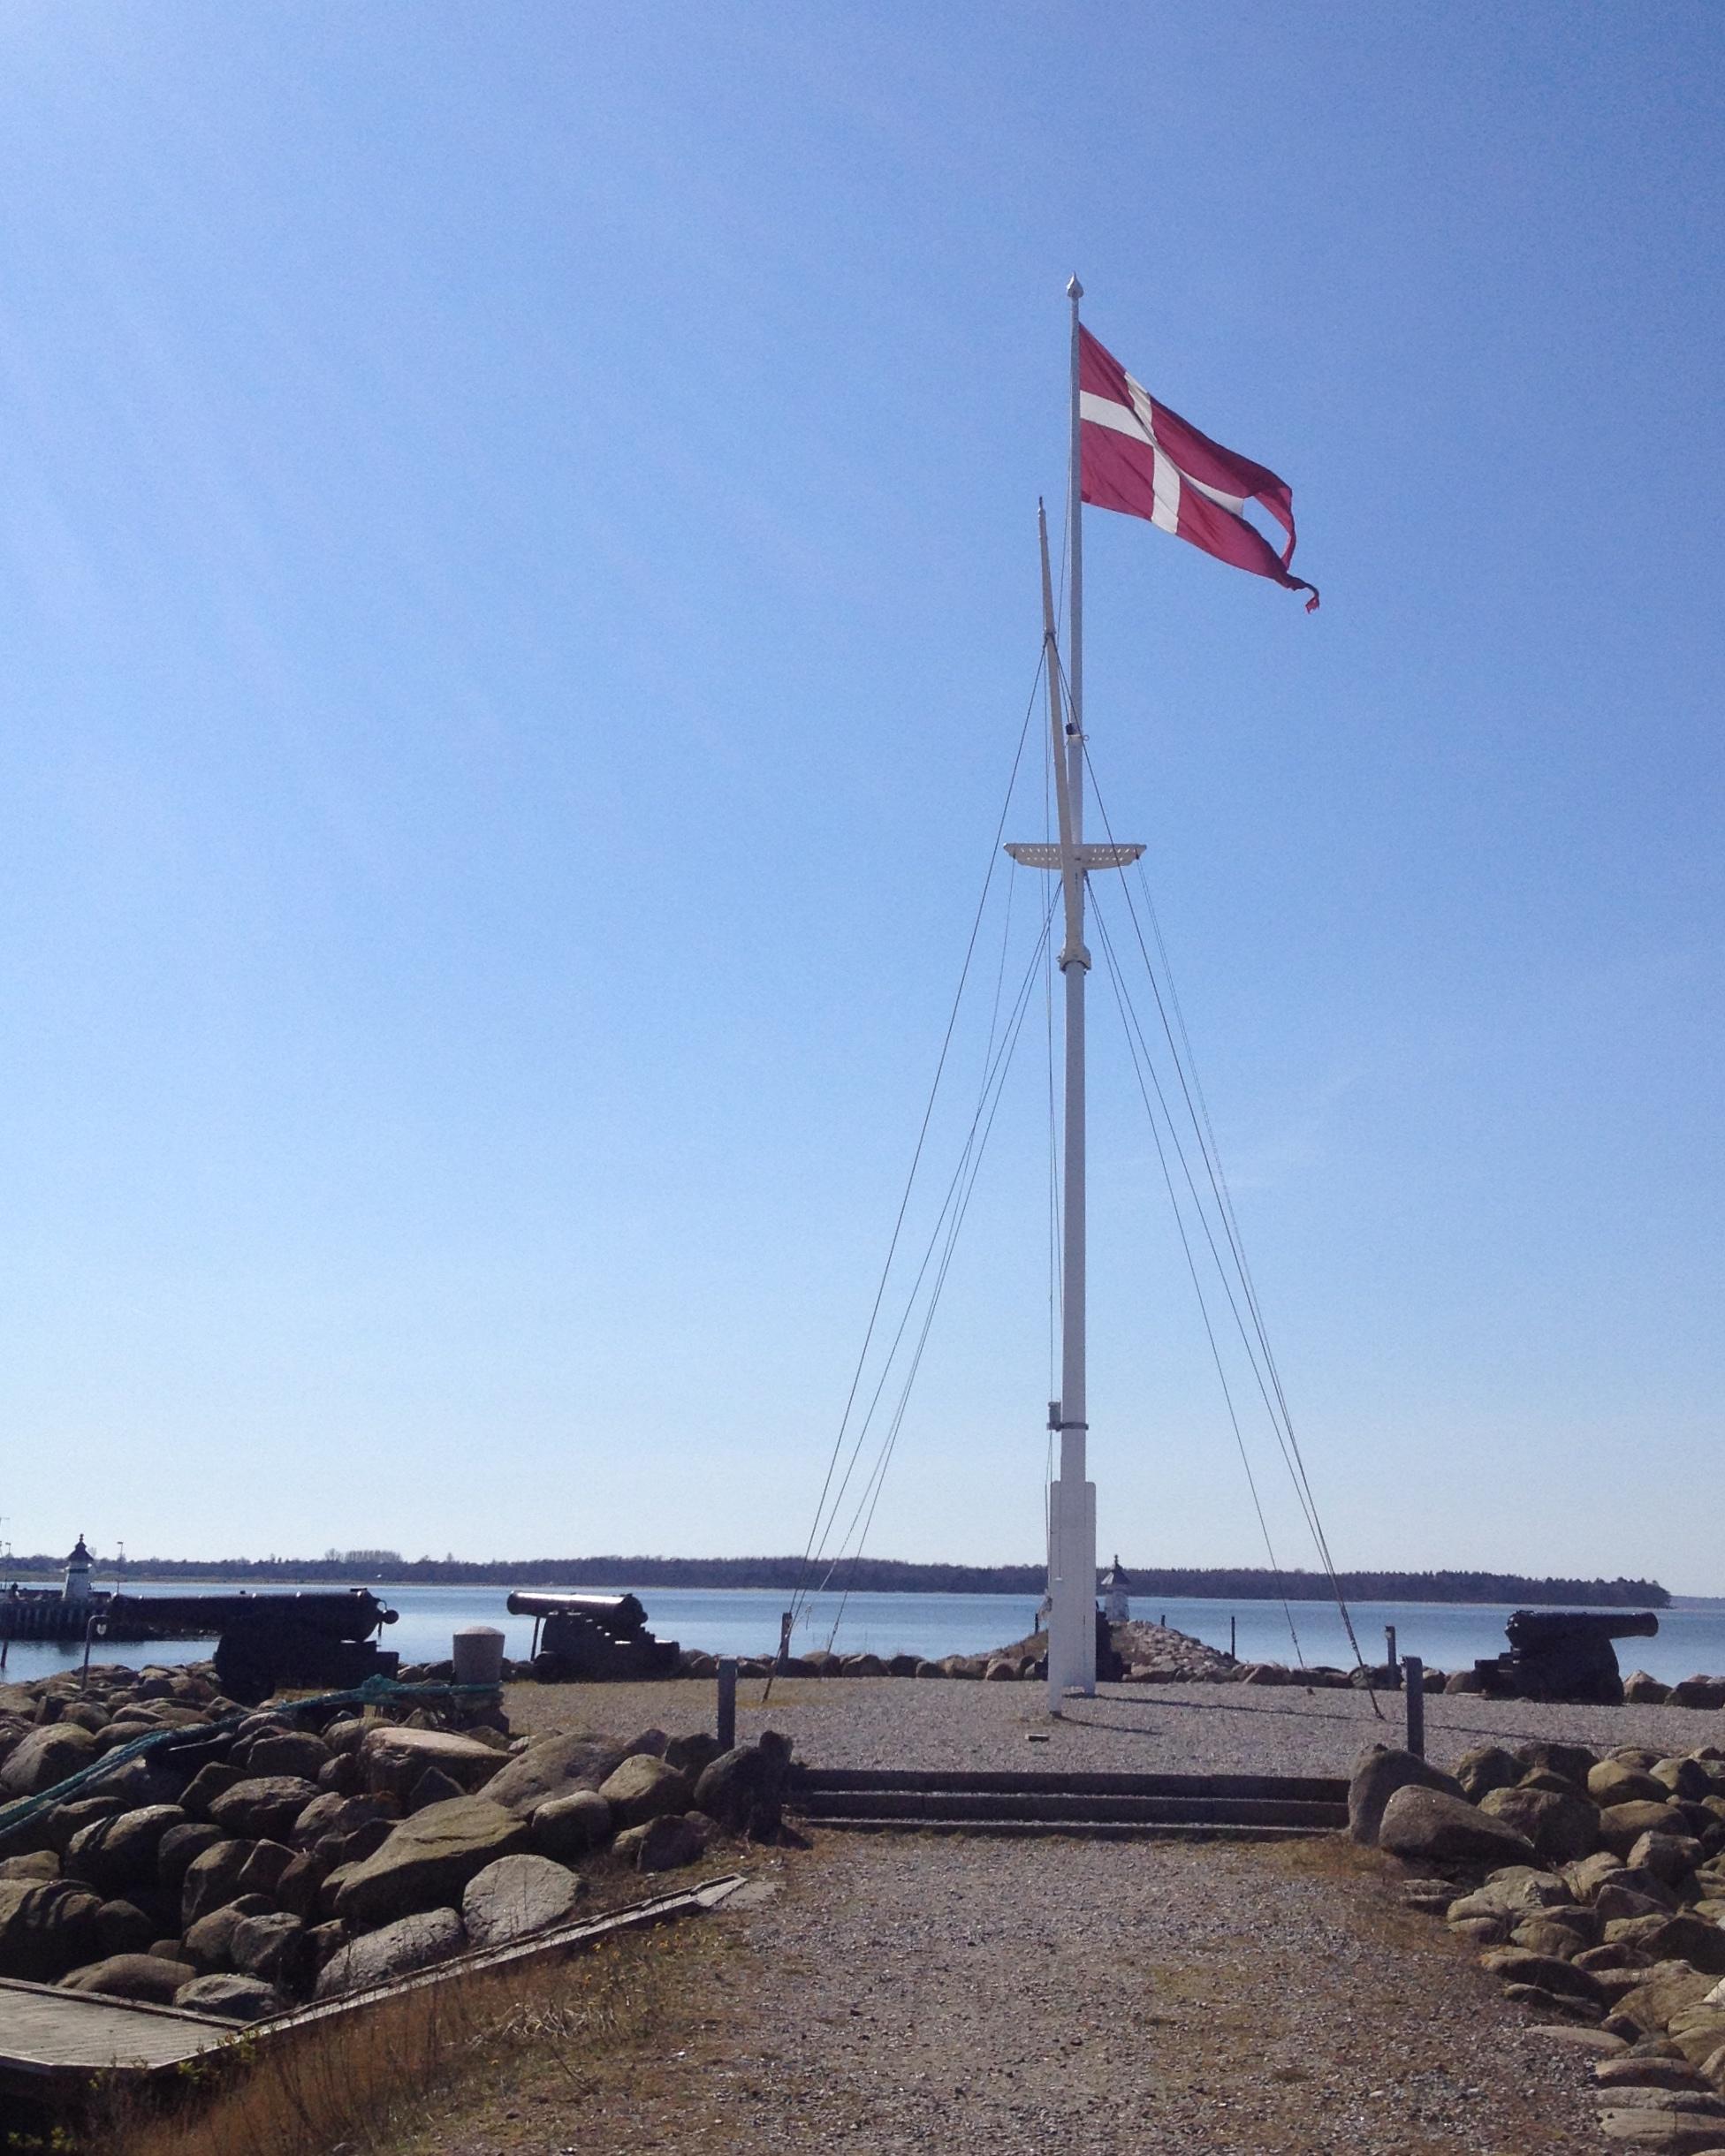 Danmark, April 2015